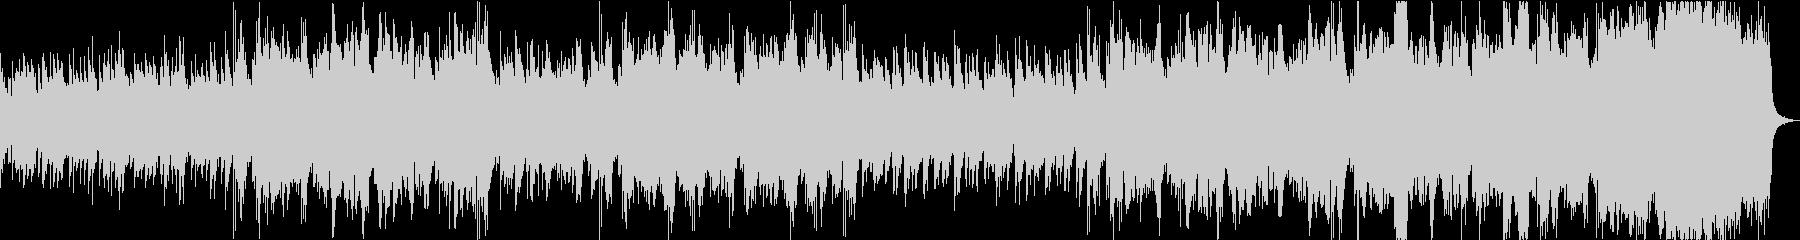 昭和ノスタルジィ・胡弓と和楽器のBGMの未再生の波形